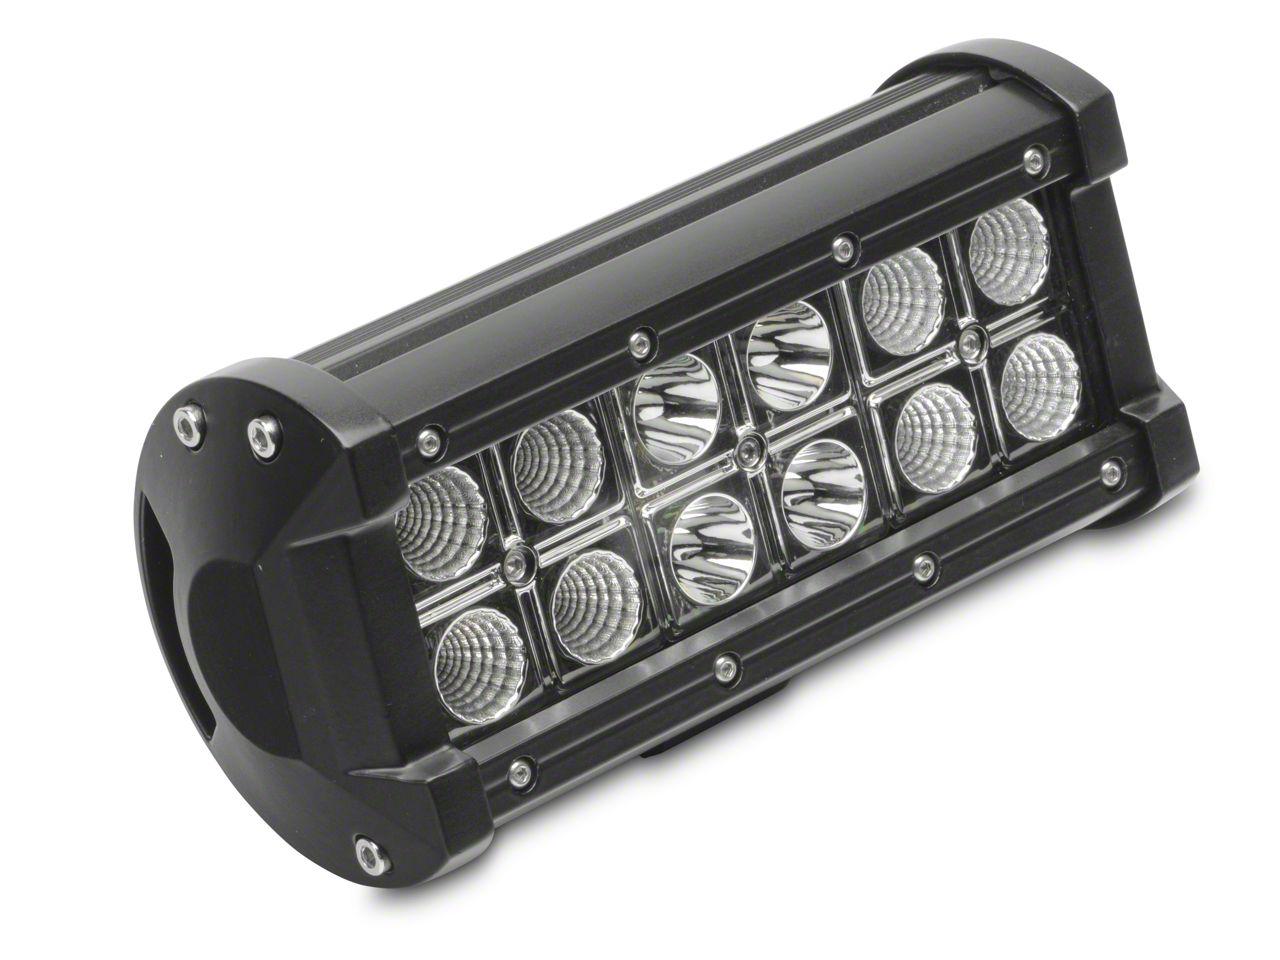 Alteon 7 in. 5 Series LED Light Bar - 30 & 60 Degree Flood Beam